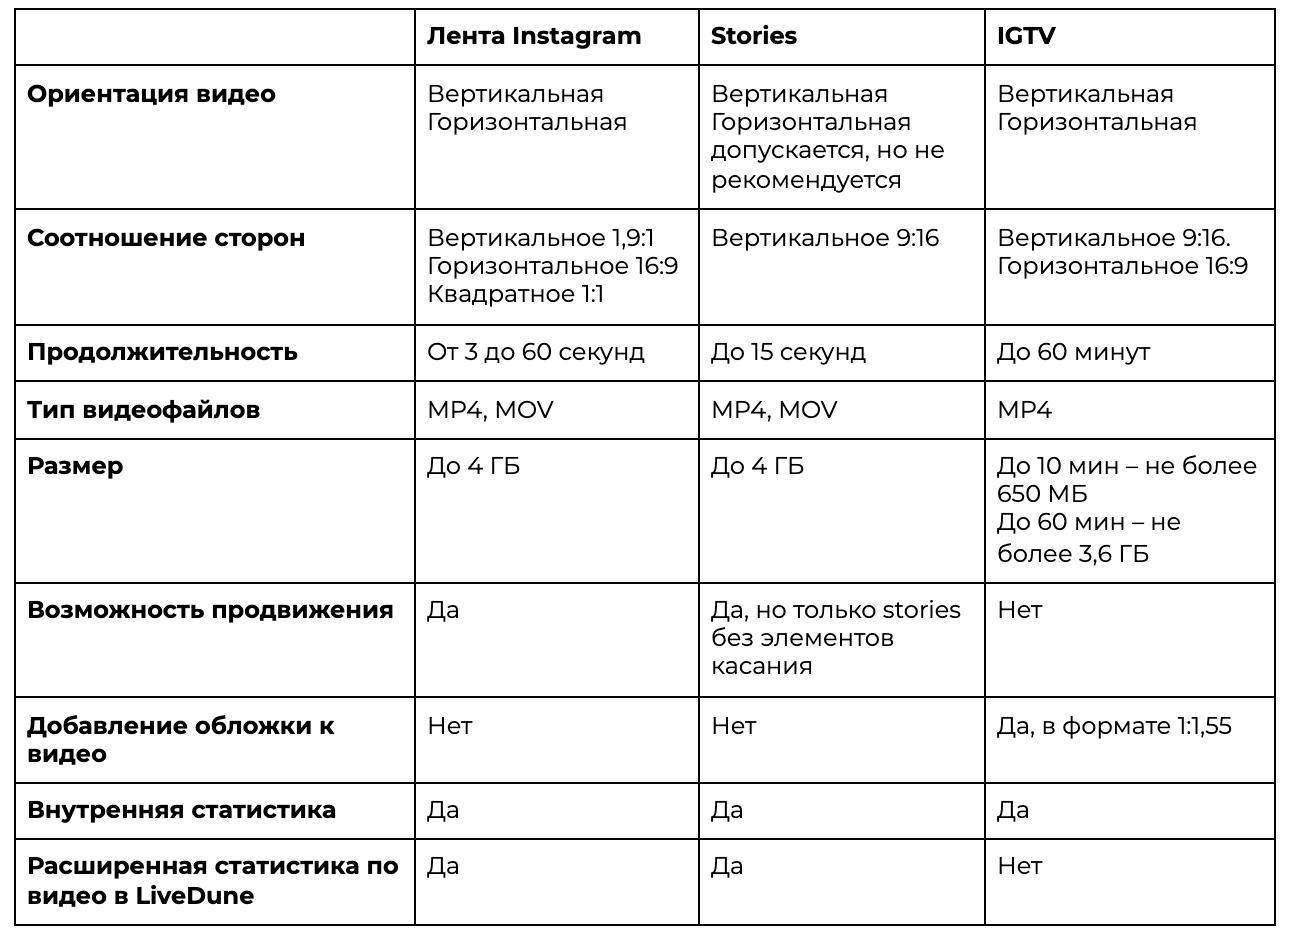 tehnicheskie parametry video dlya instagram kak opredelit format i razmer